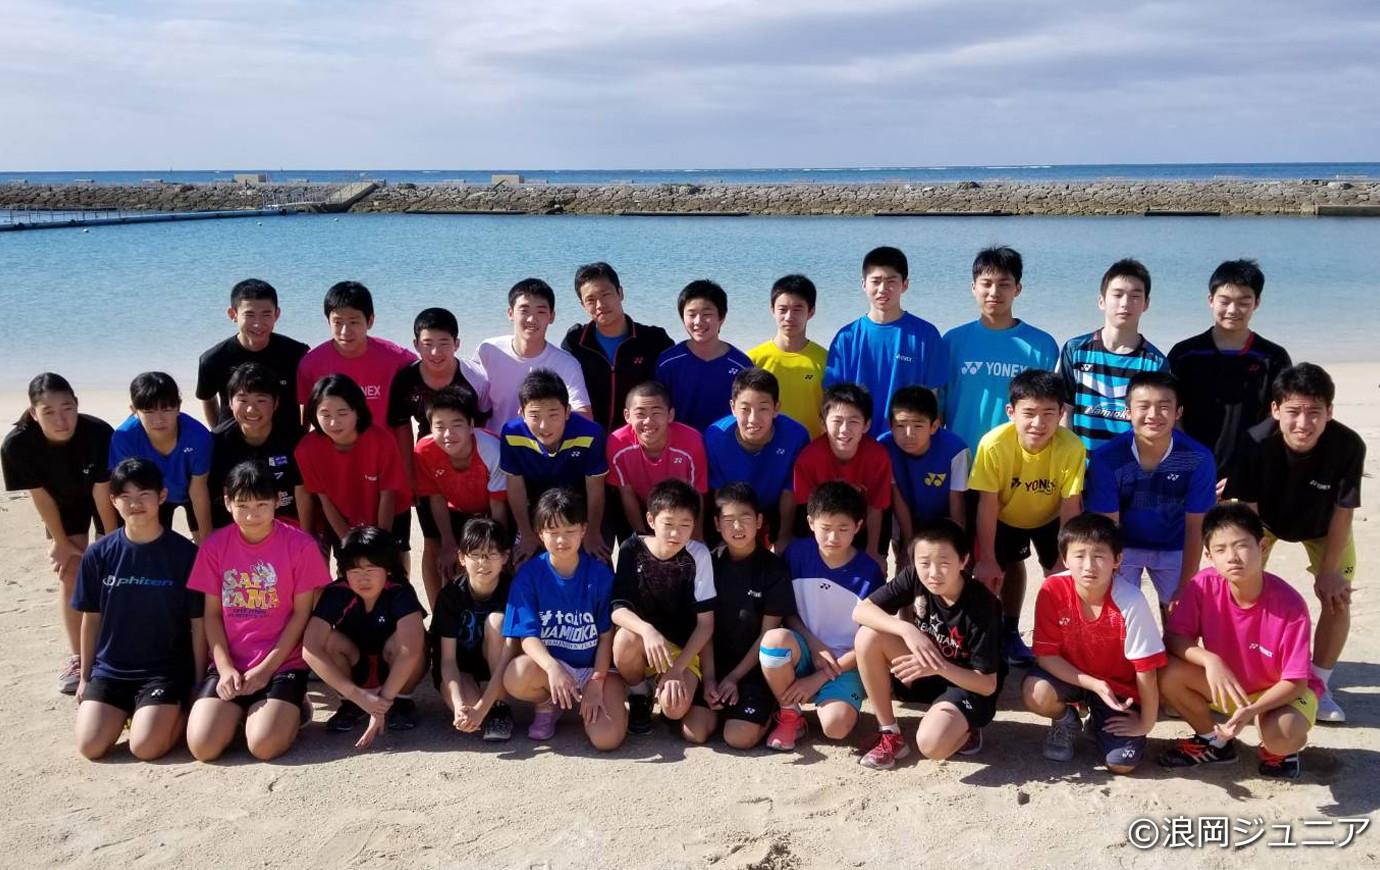 年始に行なった沖縄キャンプにて(奈良岡は後列右から3番目)